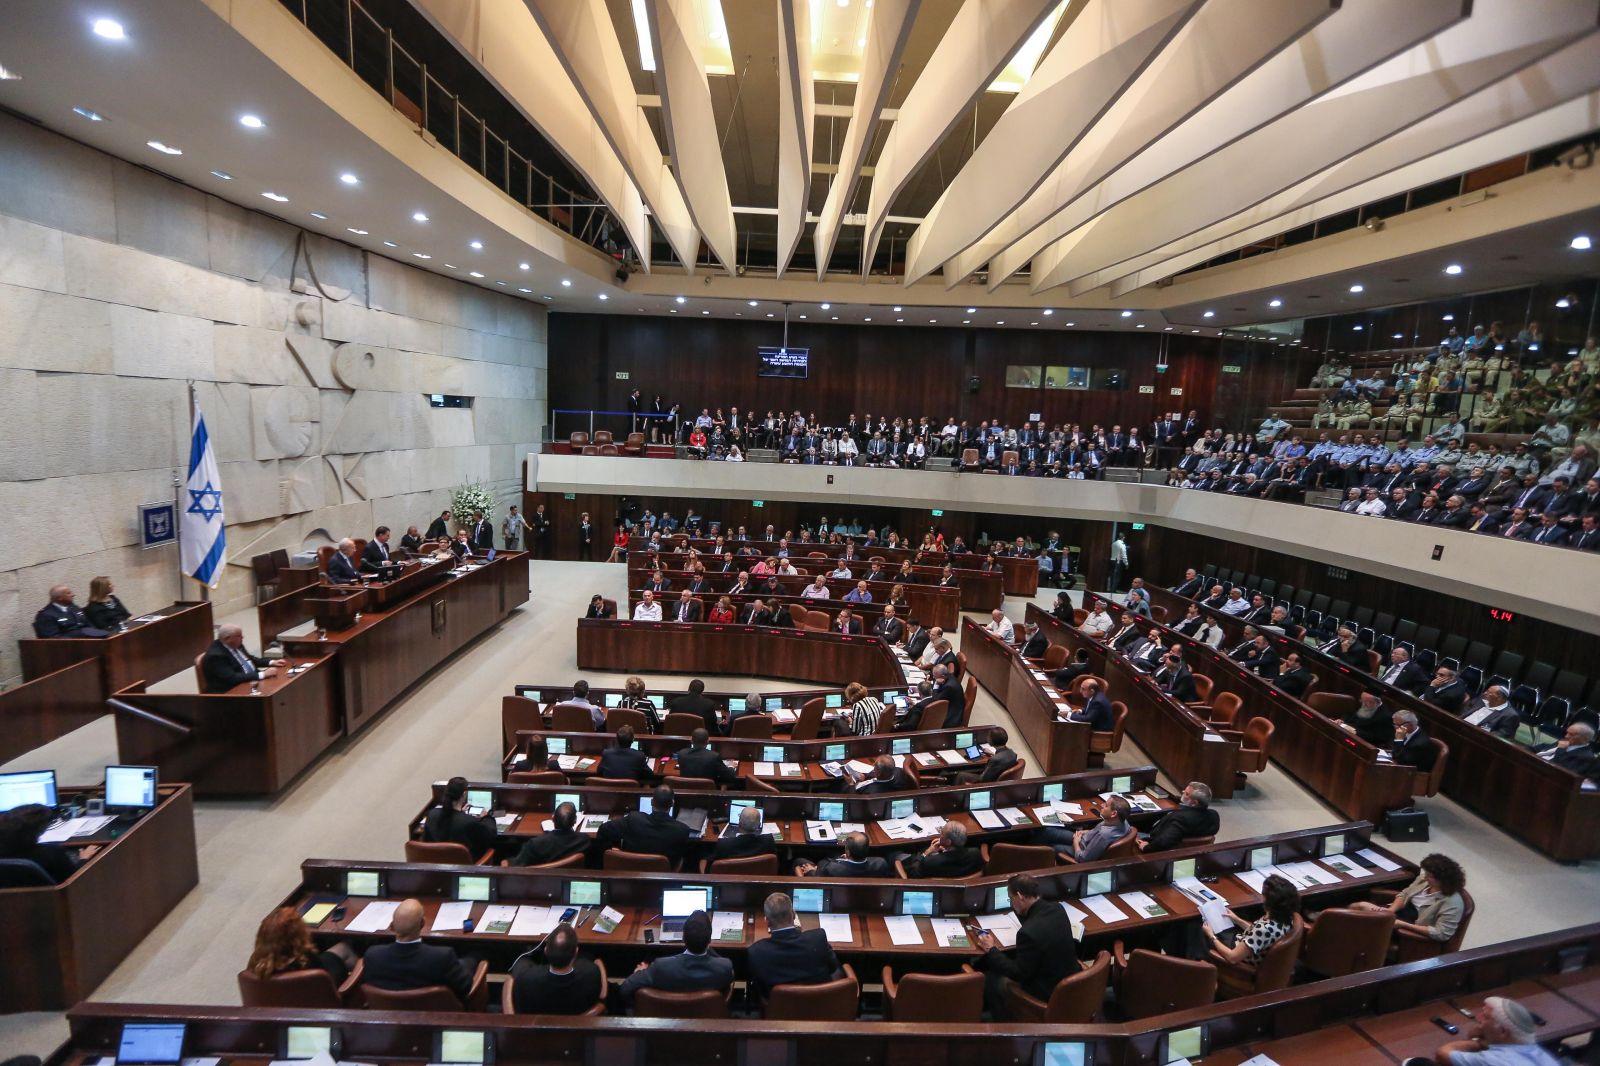 الكنيست الإسرائيلي يعيد انتخاب قيادي بالليكود رئيسا له